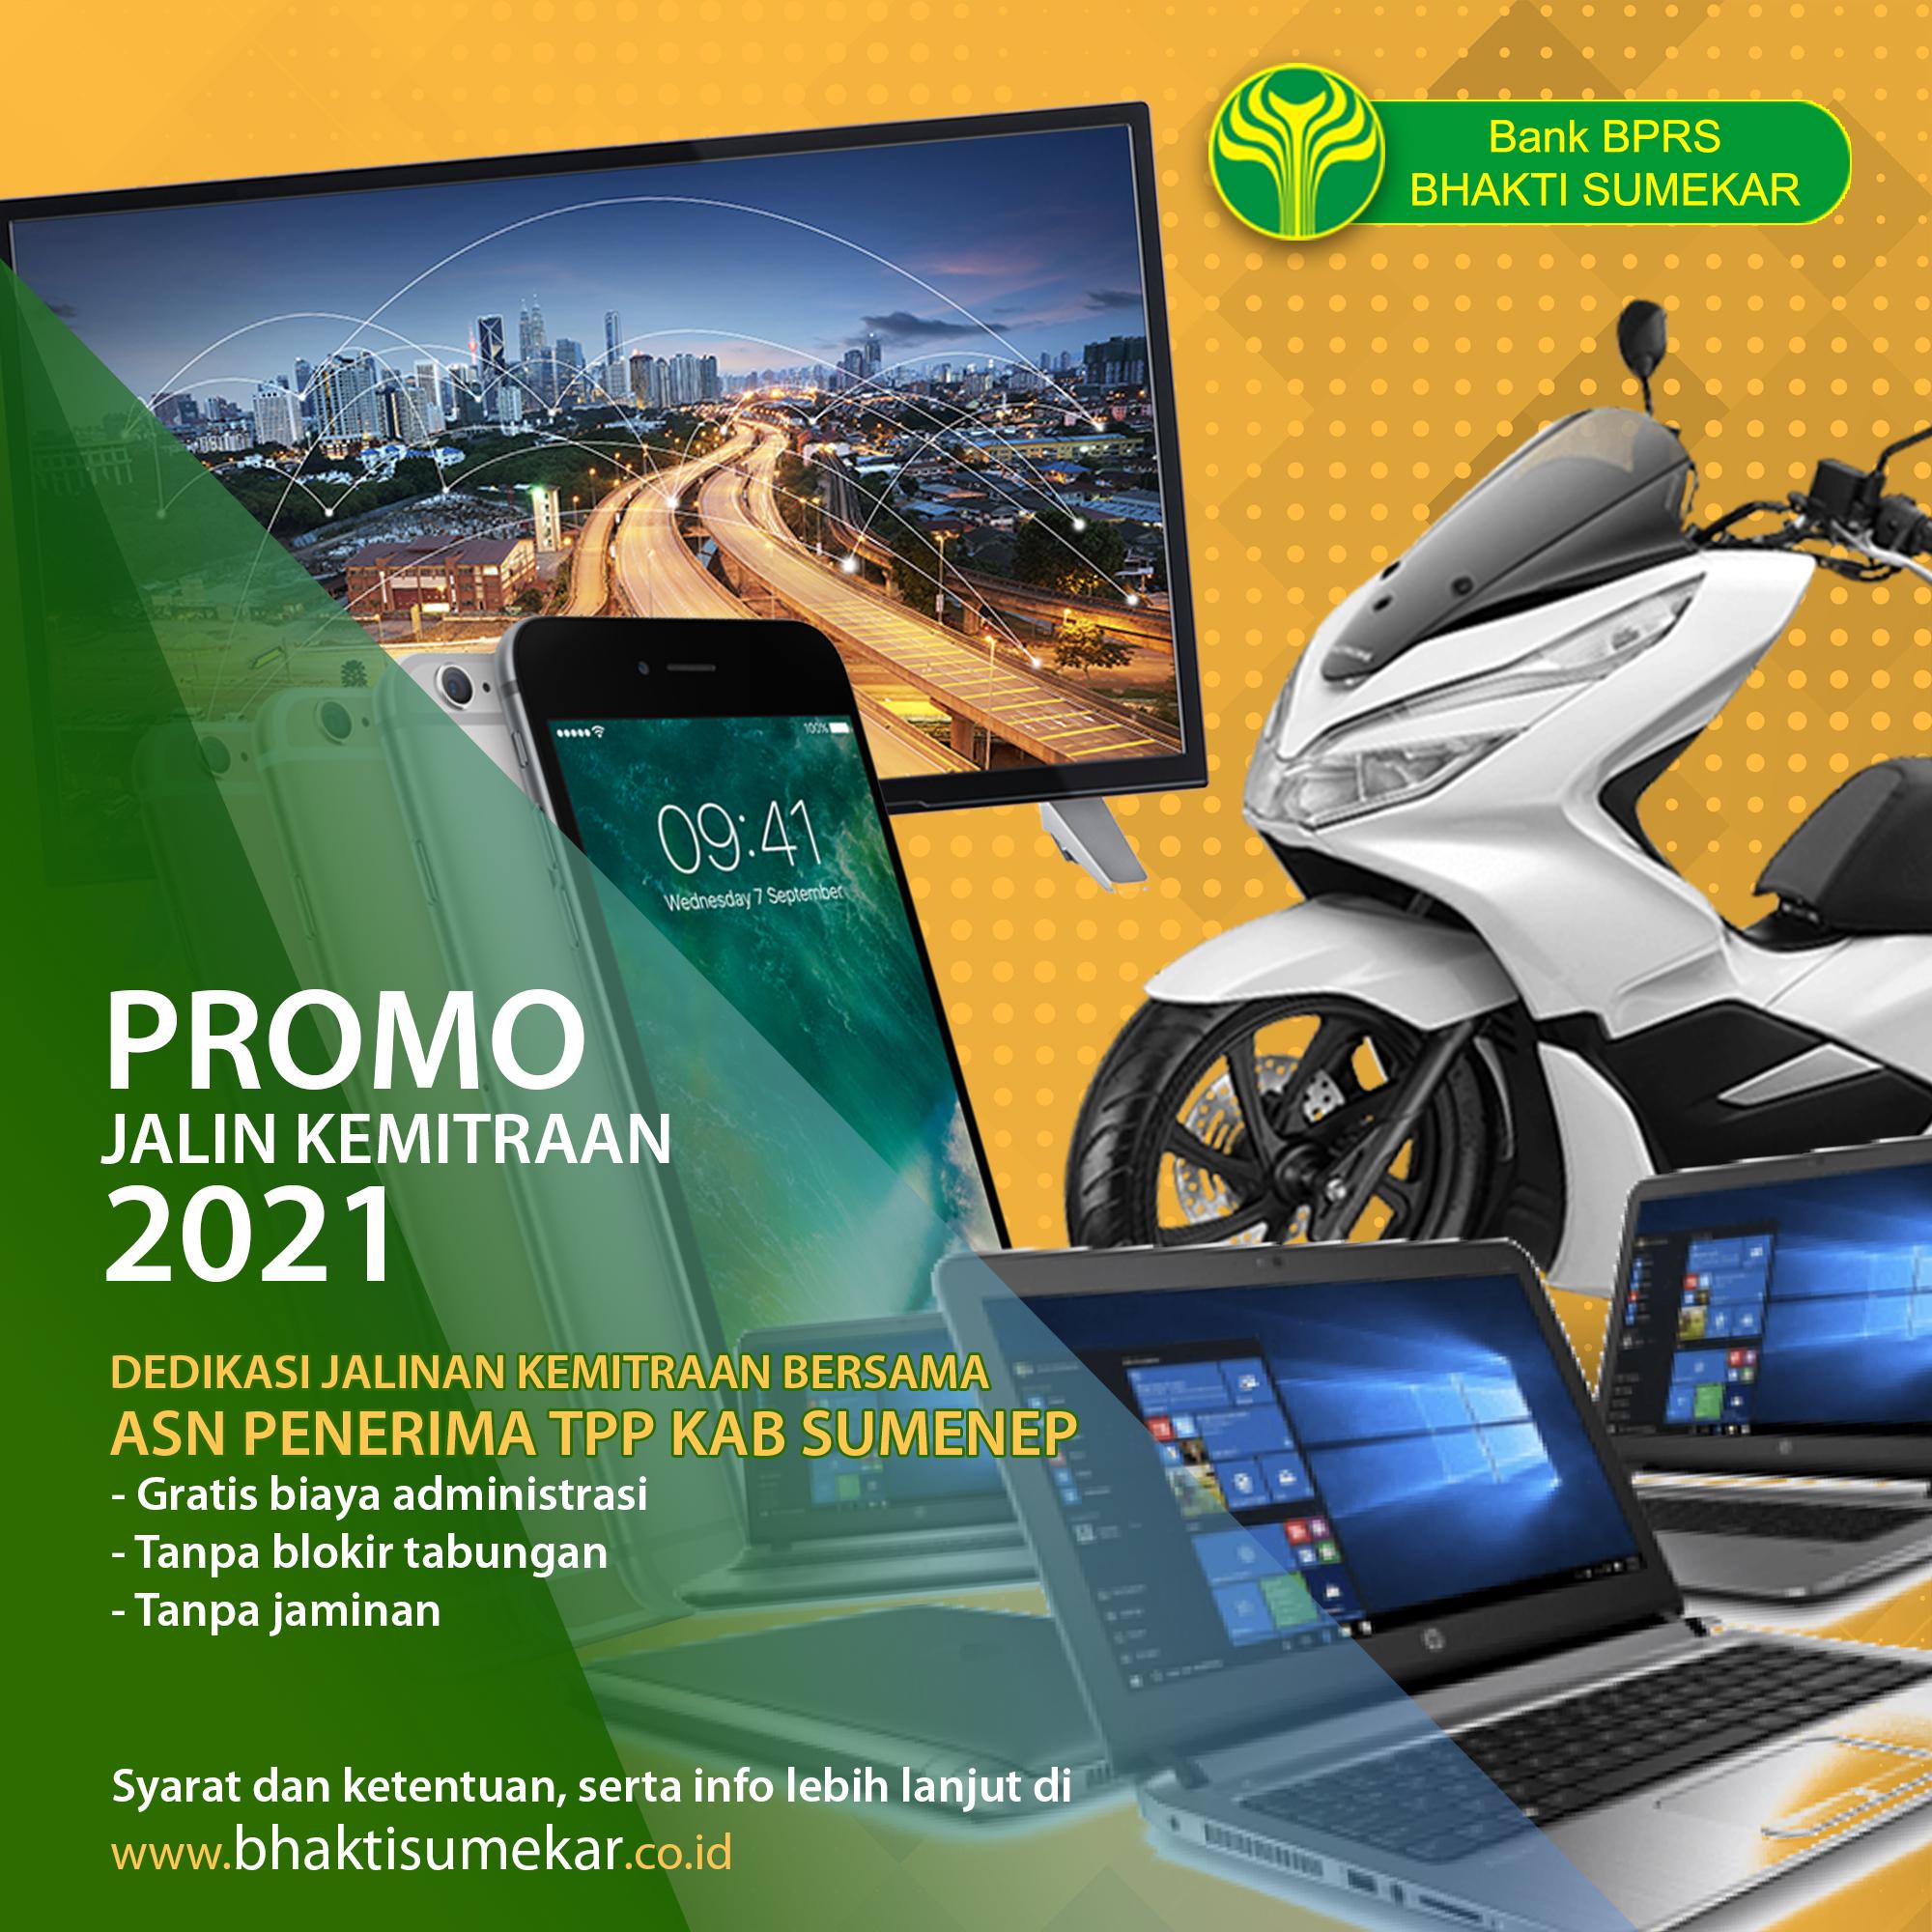 Promo Jalin Kemitraan 2021 ASN Penerima TPP Kabupaten Sumenep